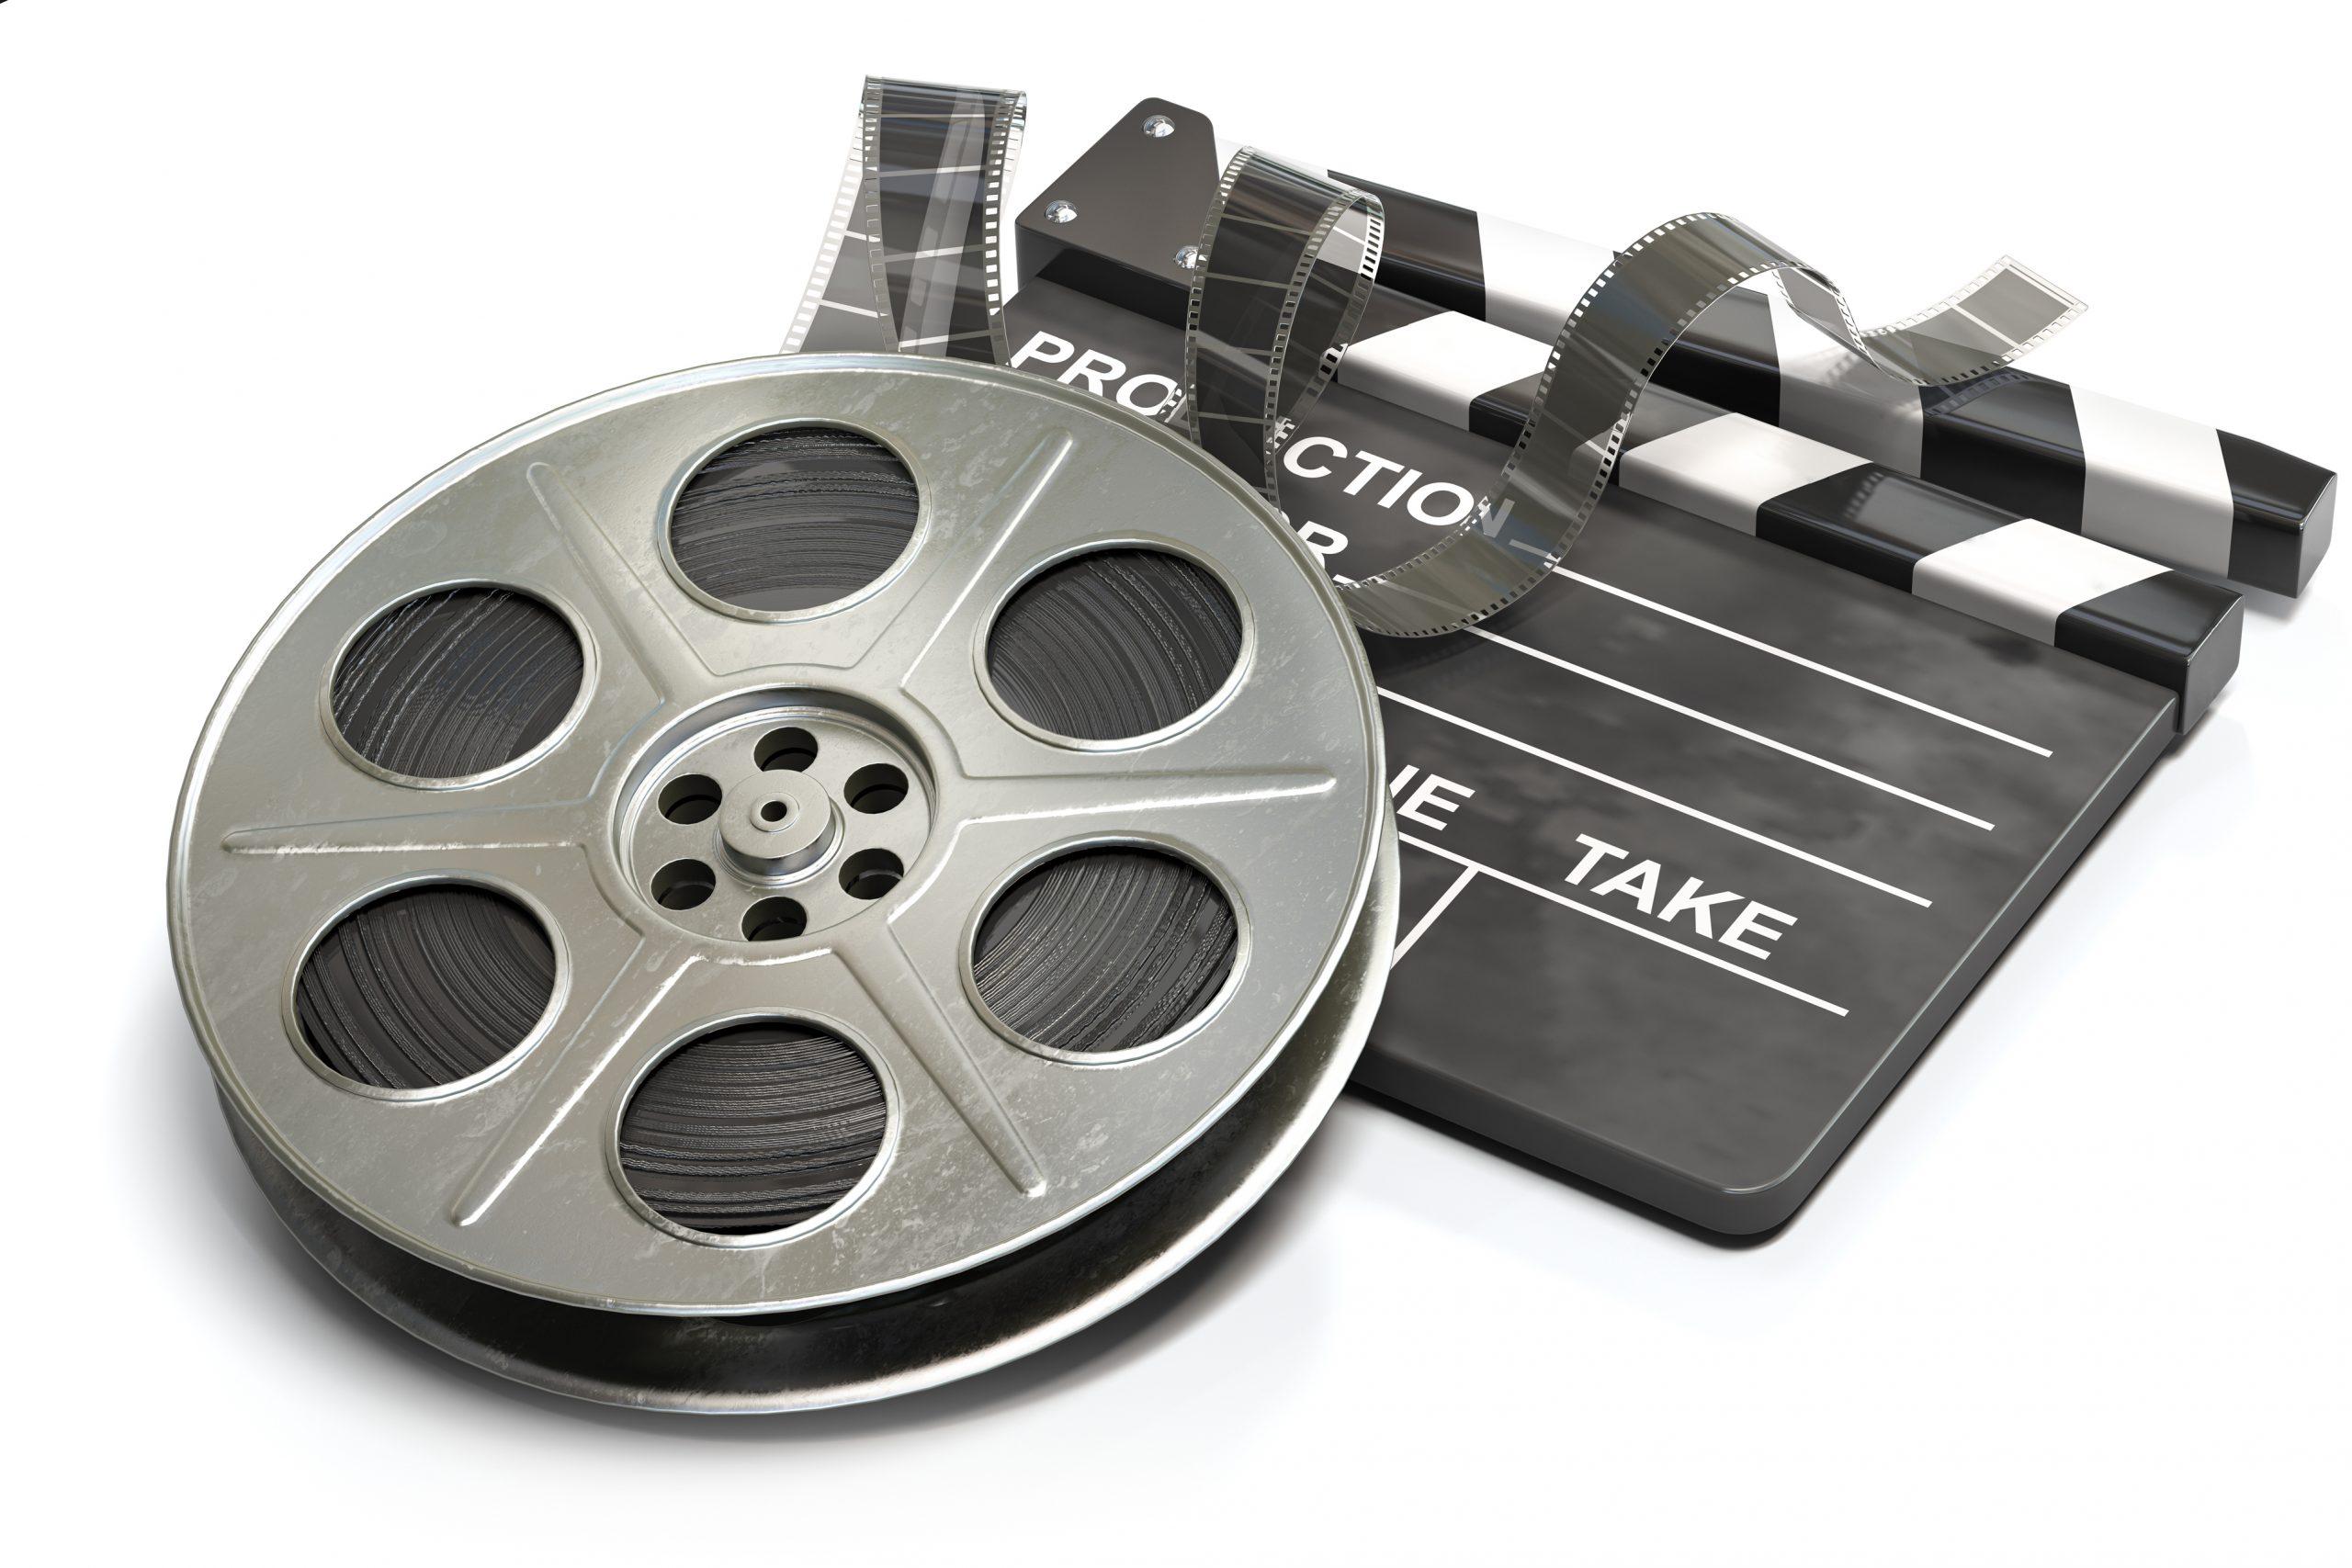 Producenci utworów audiowizualnych